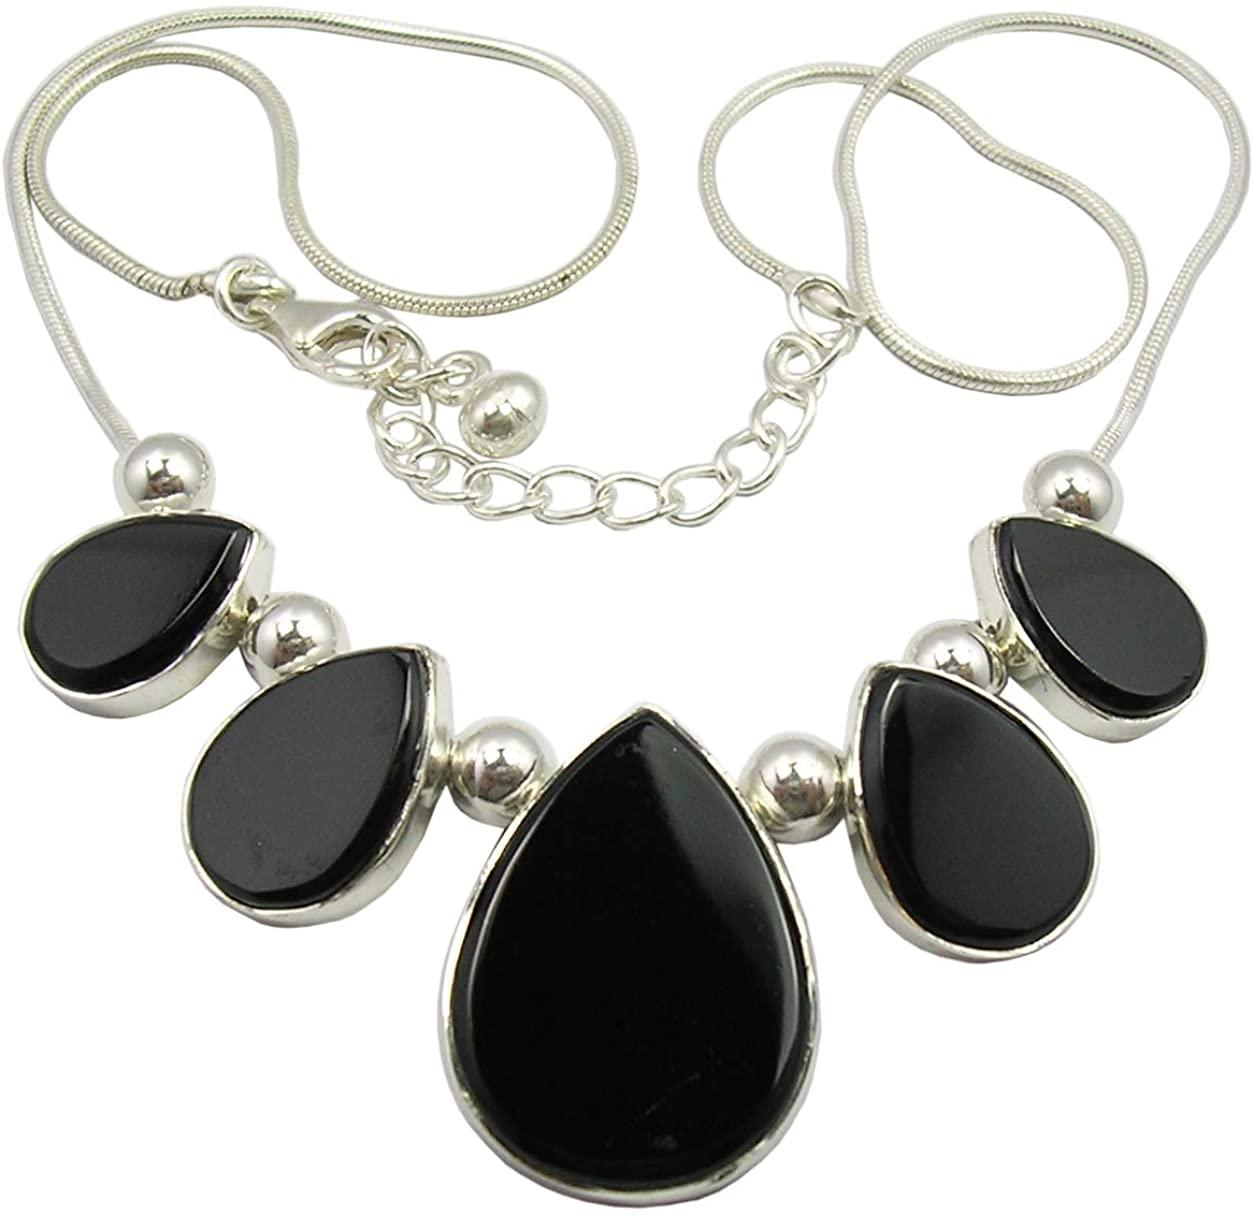 SilverStarJewel Solid Sterling Silver Black Onyx Flat Necklace 18.5